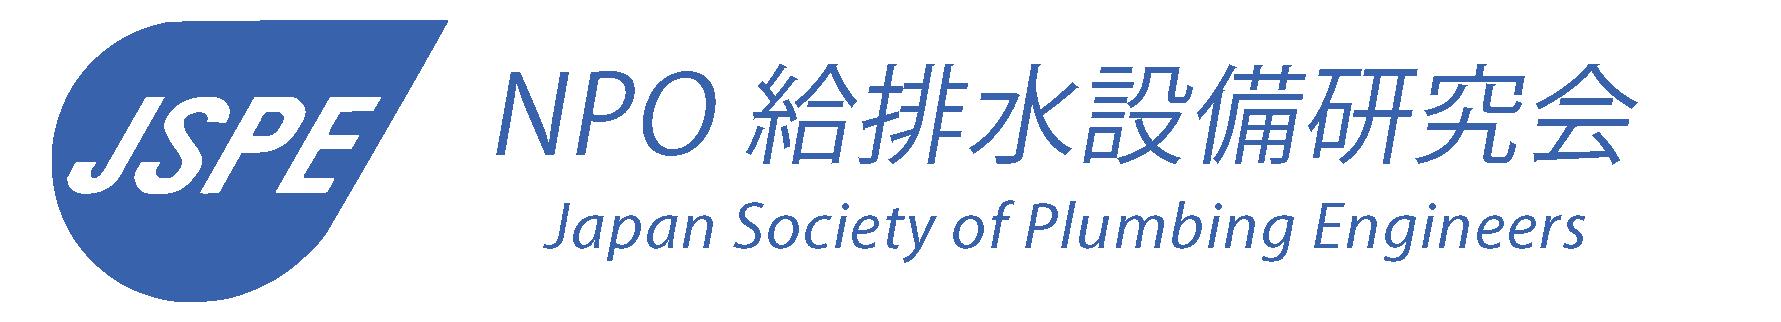 NPO給排水設備研究会ロゴ